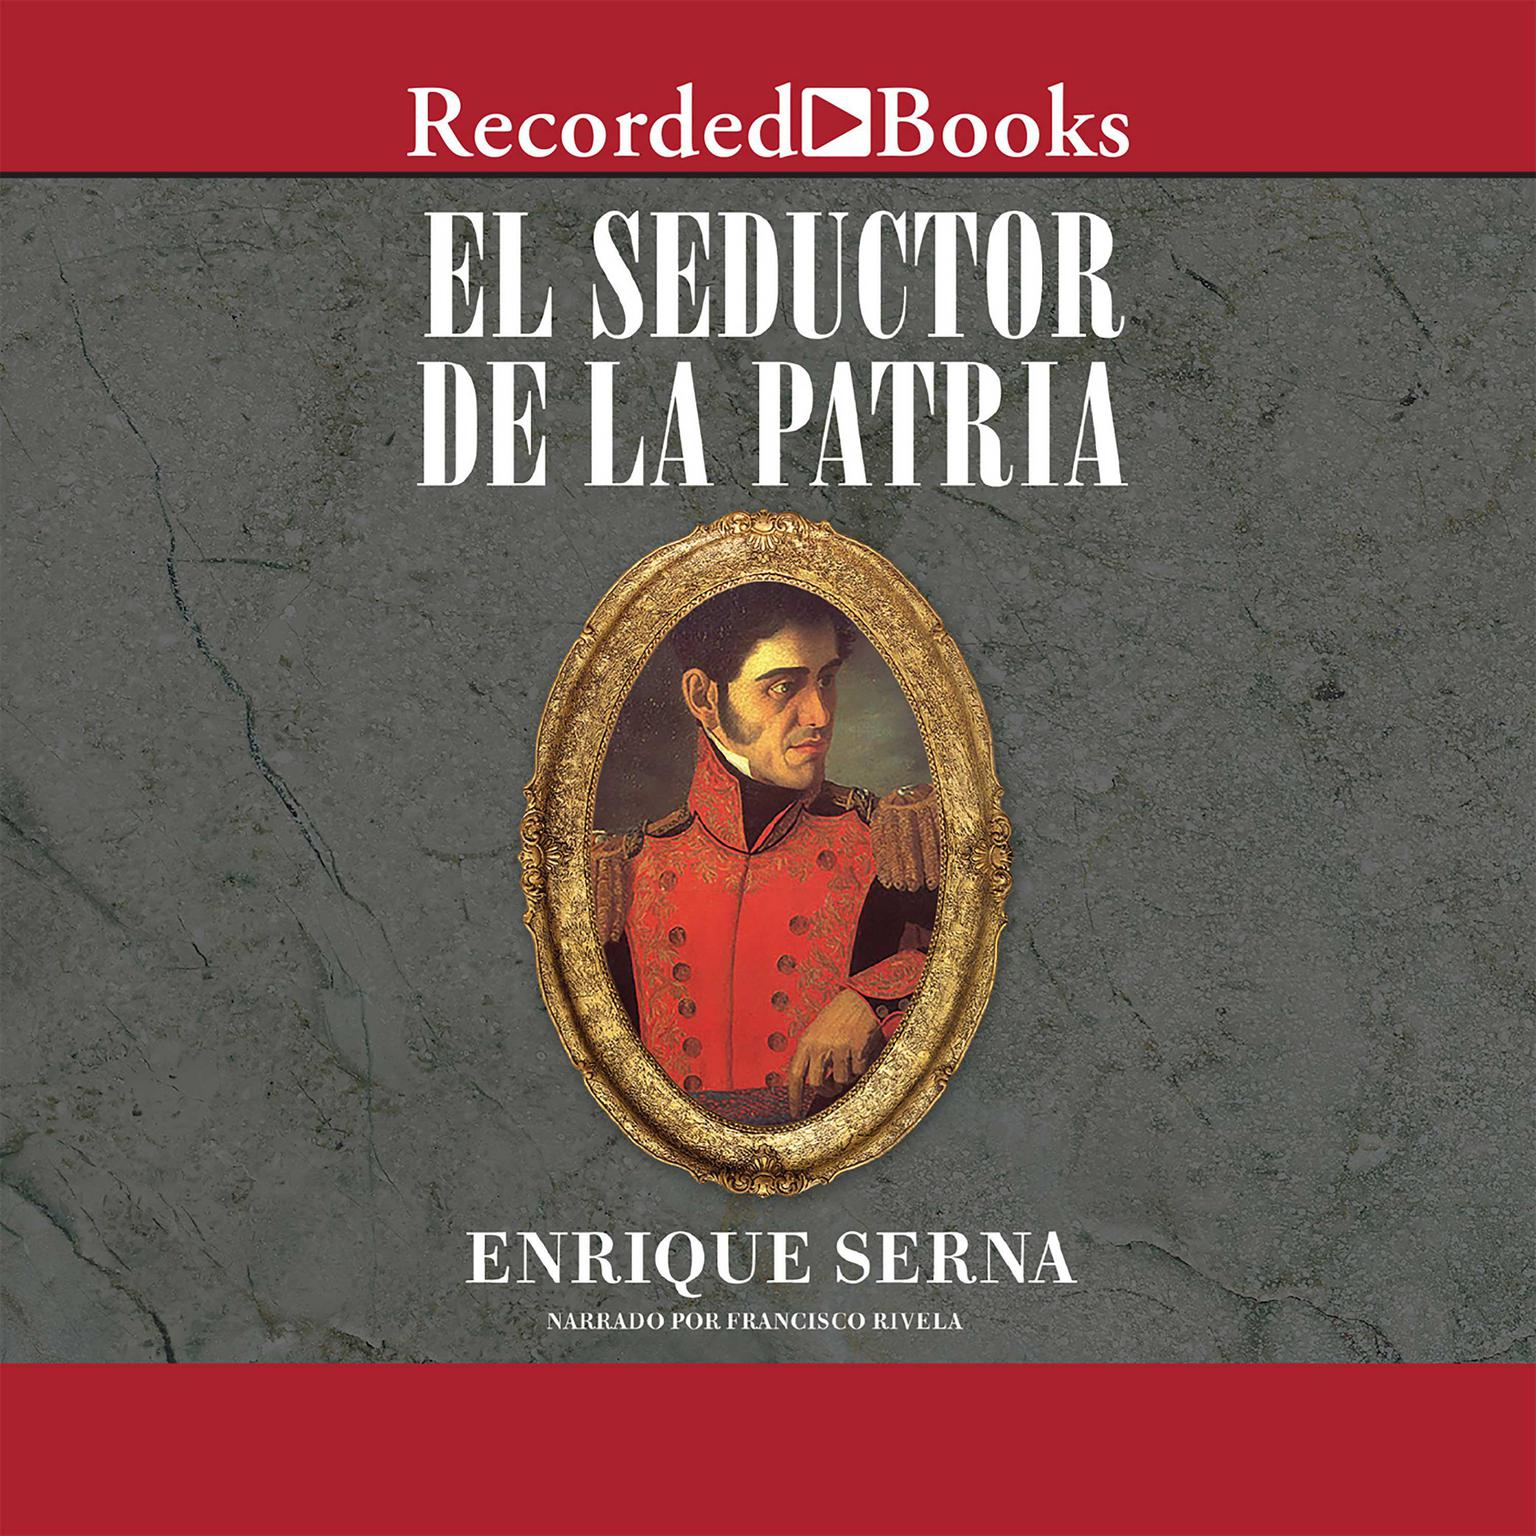 El seductor de la patria (The Seductor of the Motherland) Audiobook, by Enrique Serna